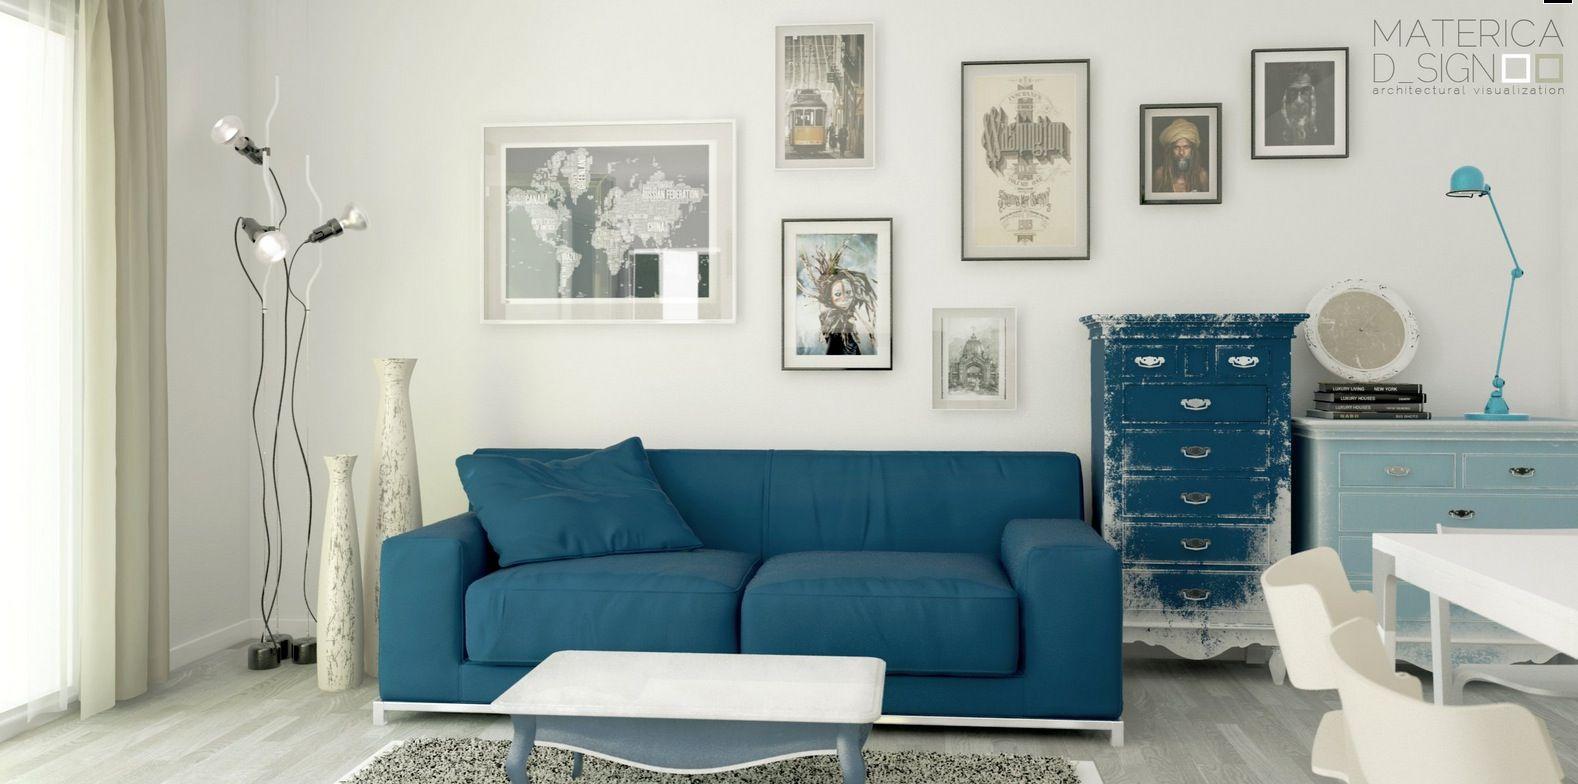 Blue Sofa Living Room Design Unique Admirable Blue Sofa Designs For Fascinating Living Room  Catchy Design Ideas